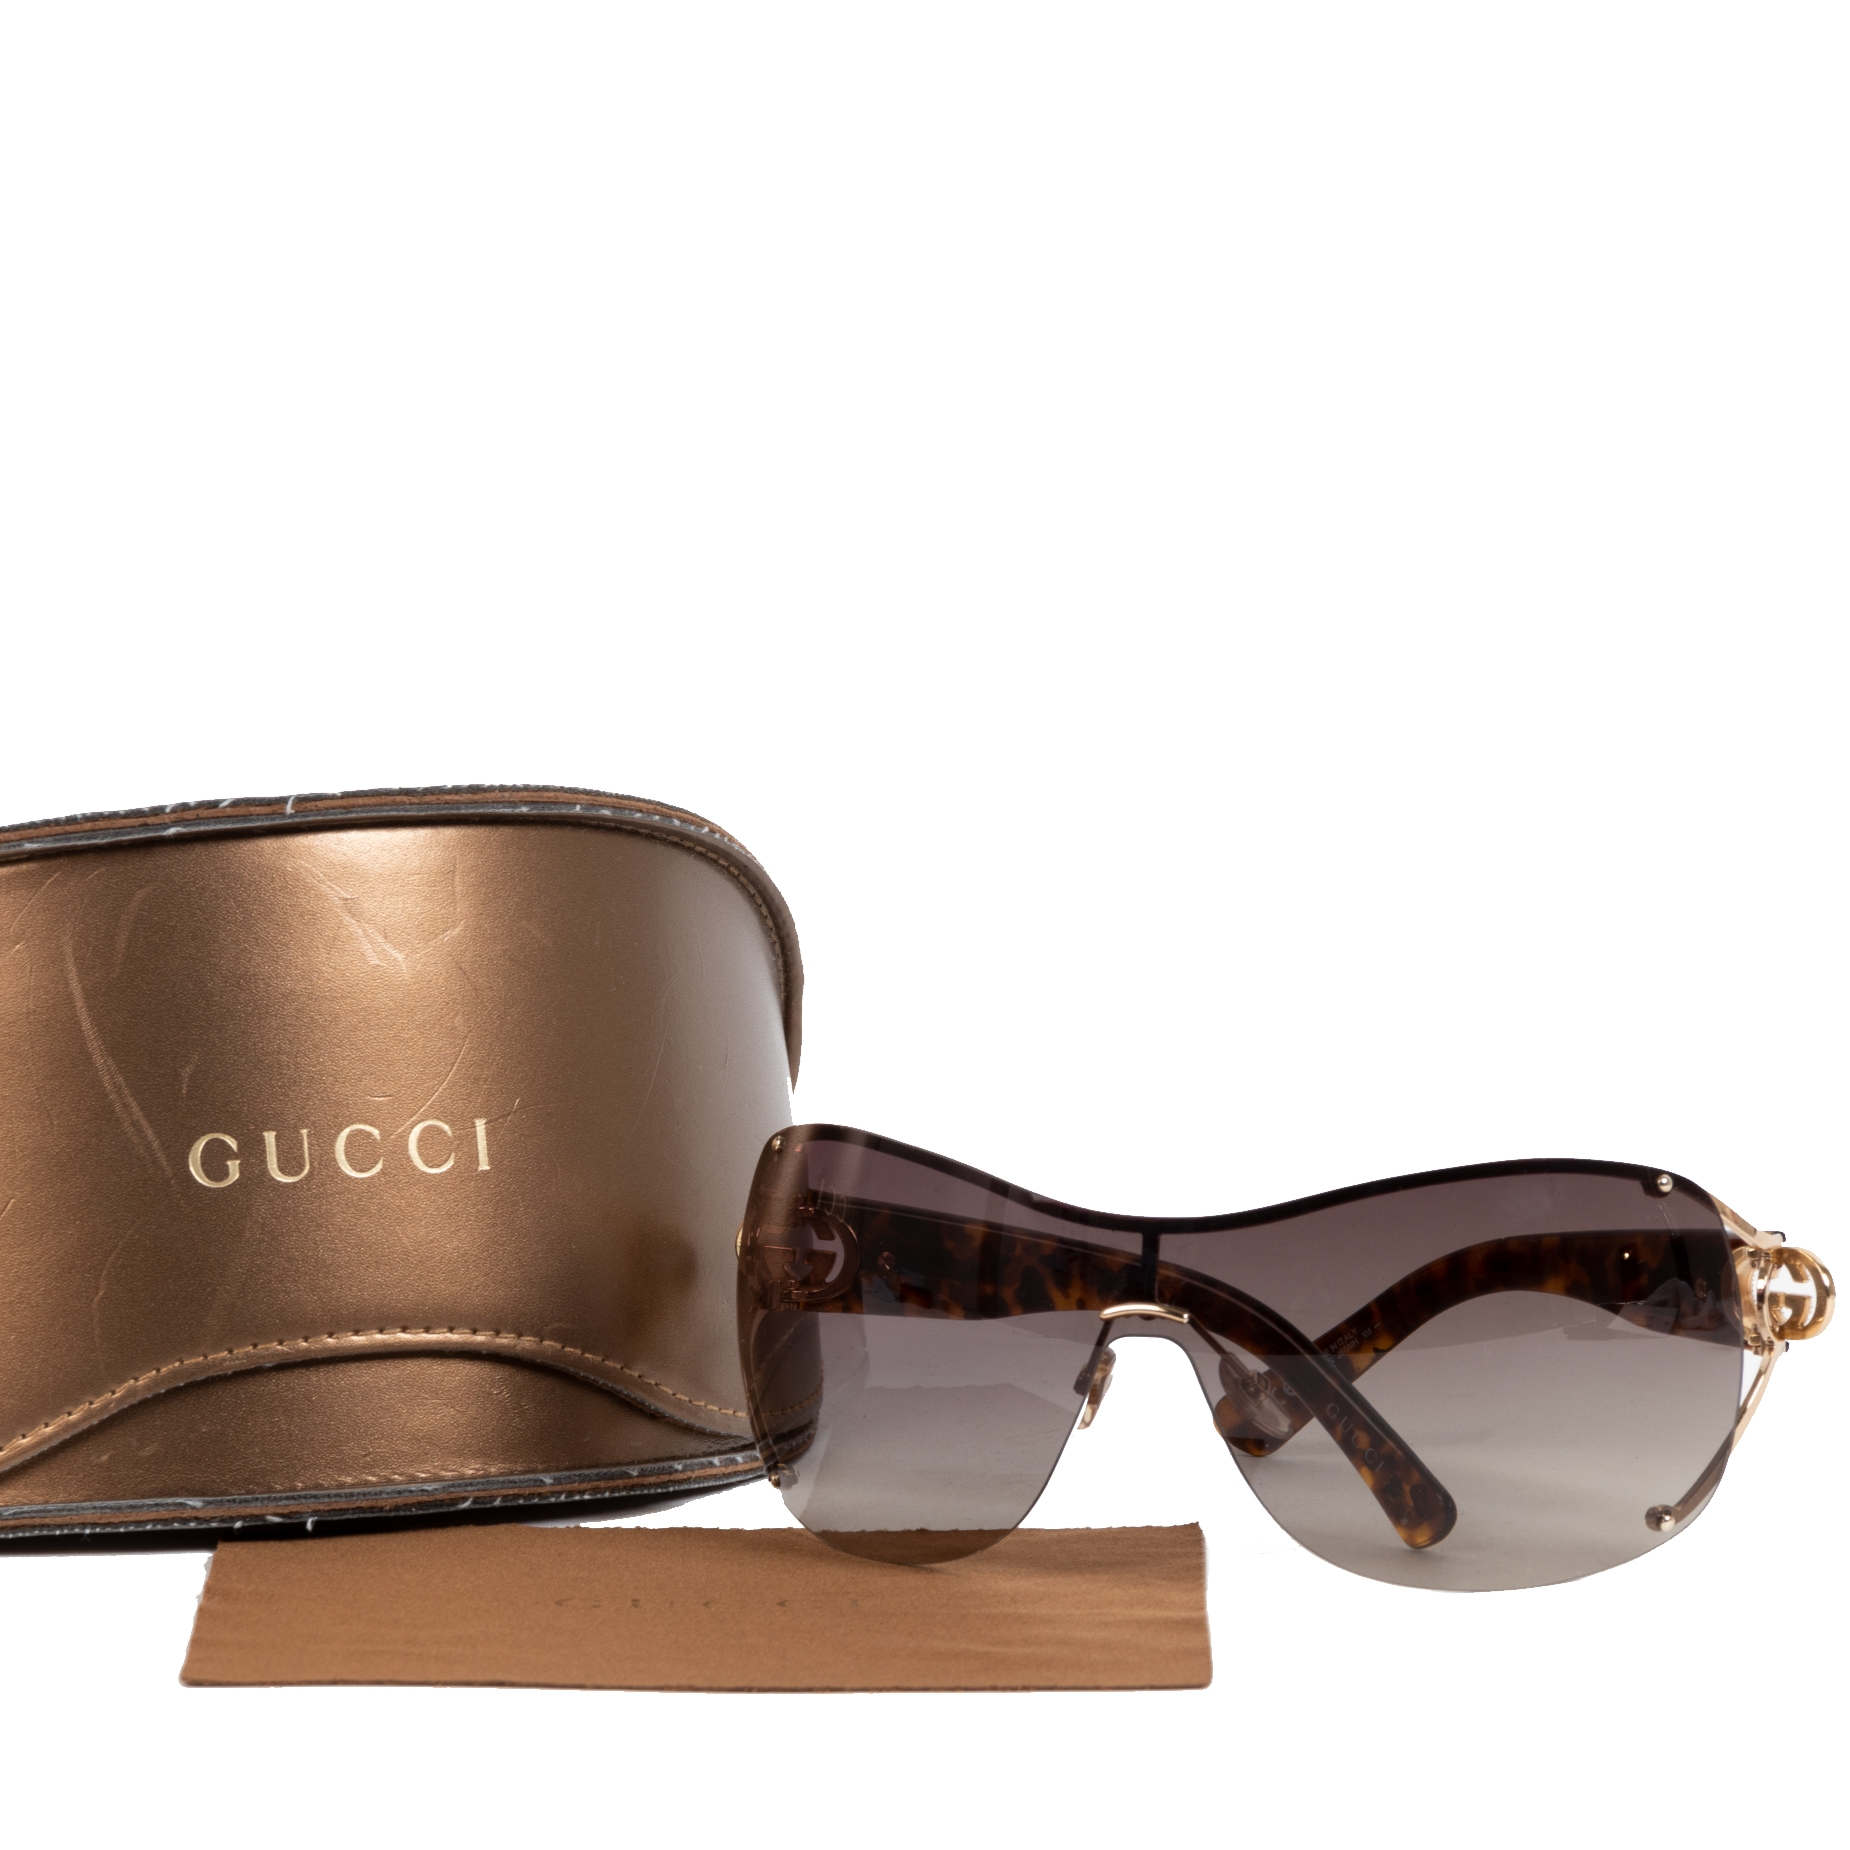 Gucci Rimless Sunglasses